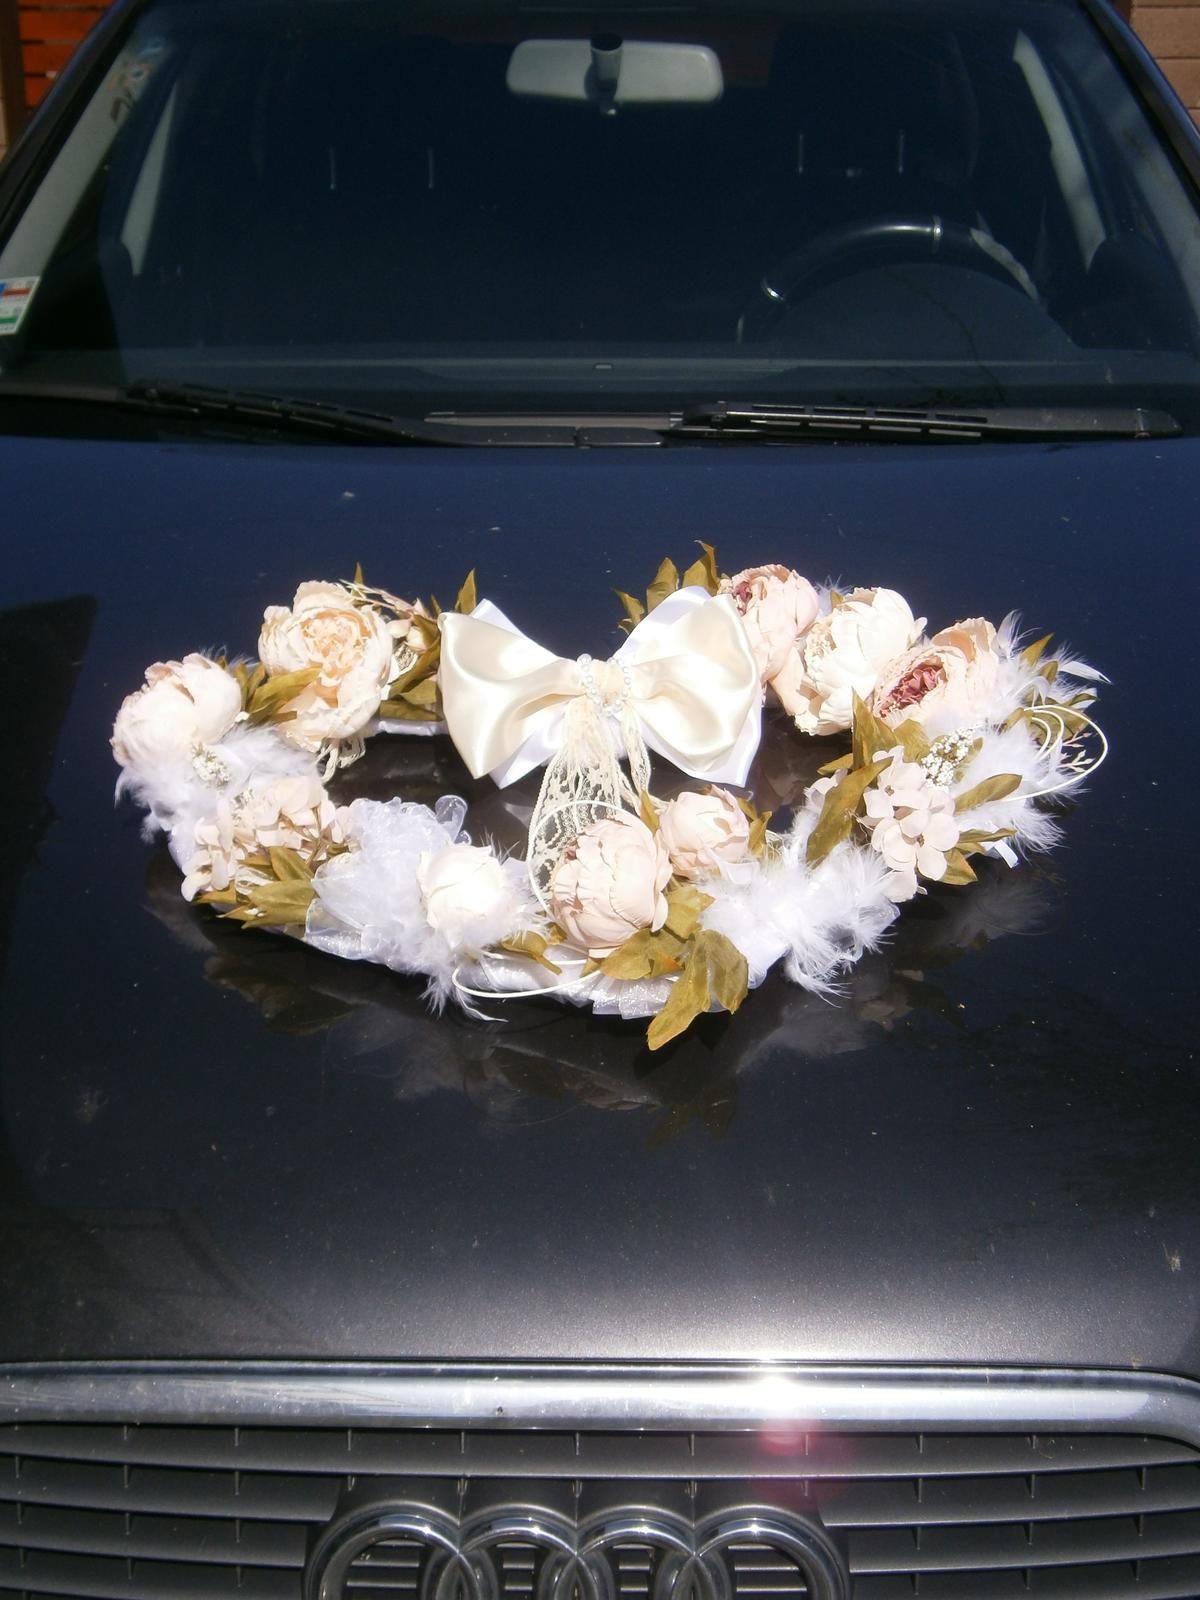 Svadobné dekorácie - skladom - Obrázok č. 18